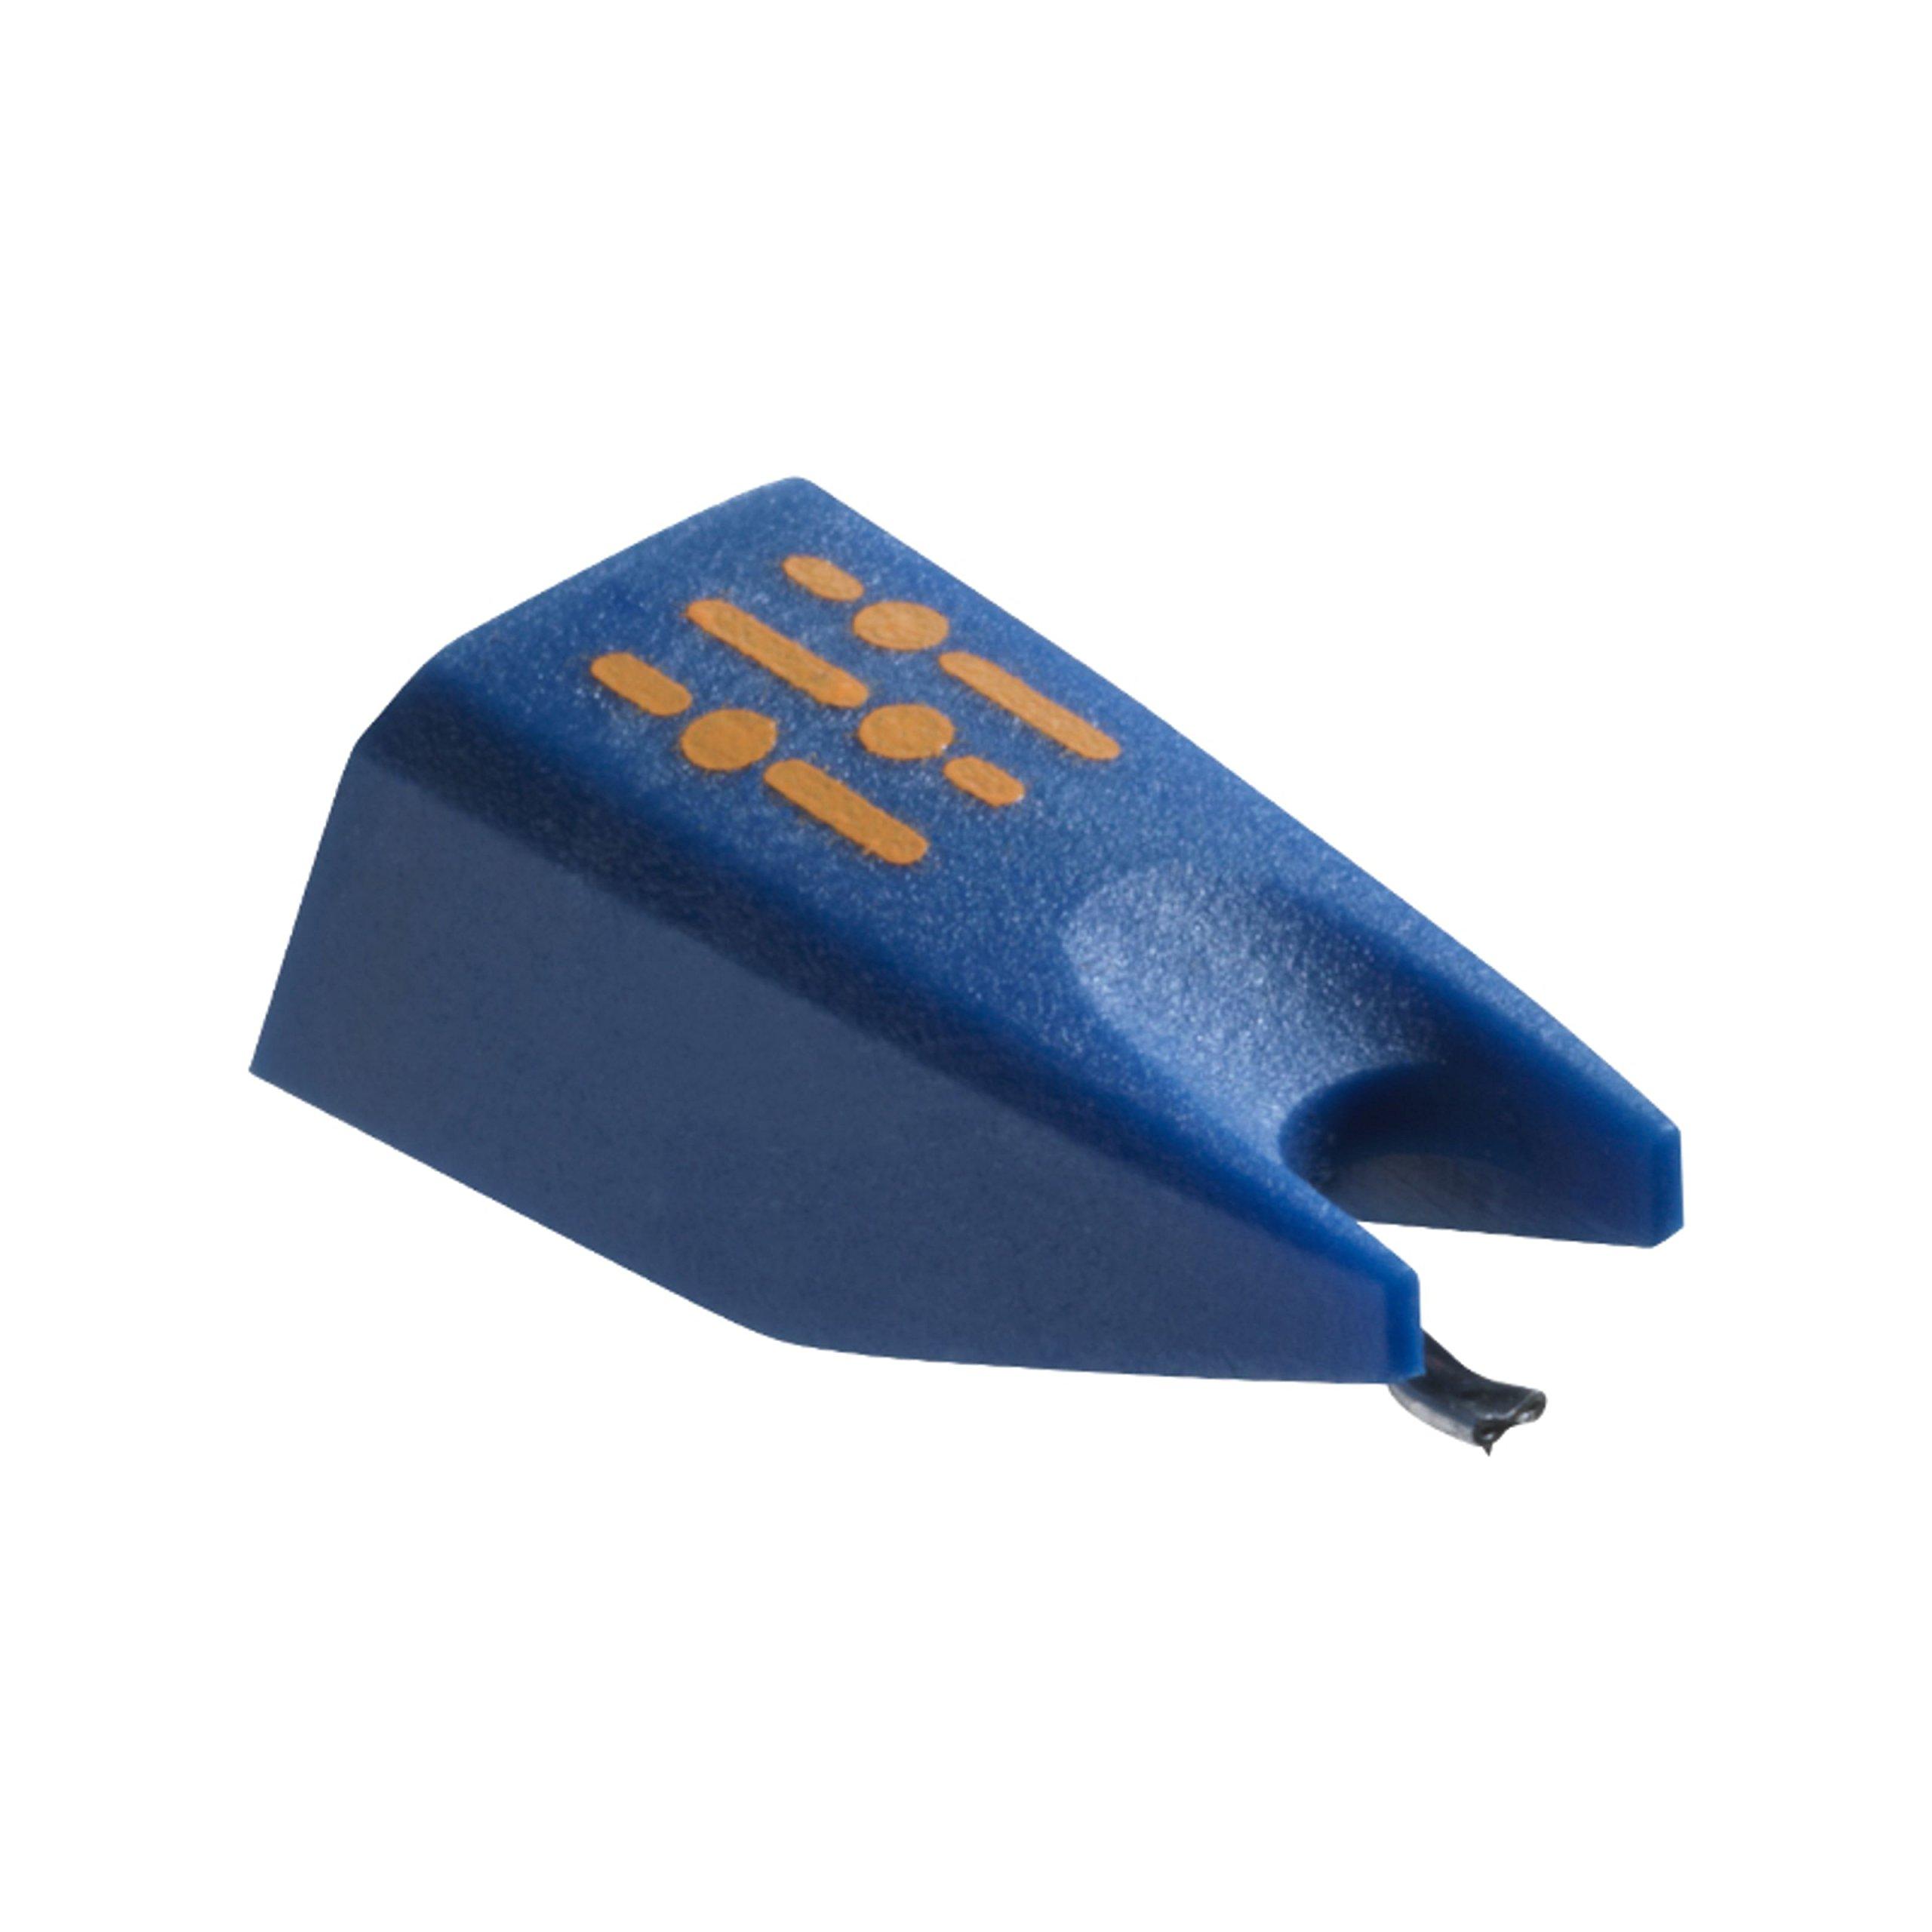 [해외]수직 폰 콩코드DJ 용 교환 바늘 ortofon Stylus CC MKII DJ / Ortofon Stylus CC MkII DJ replacement needle for Ortho von Concorde DJ